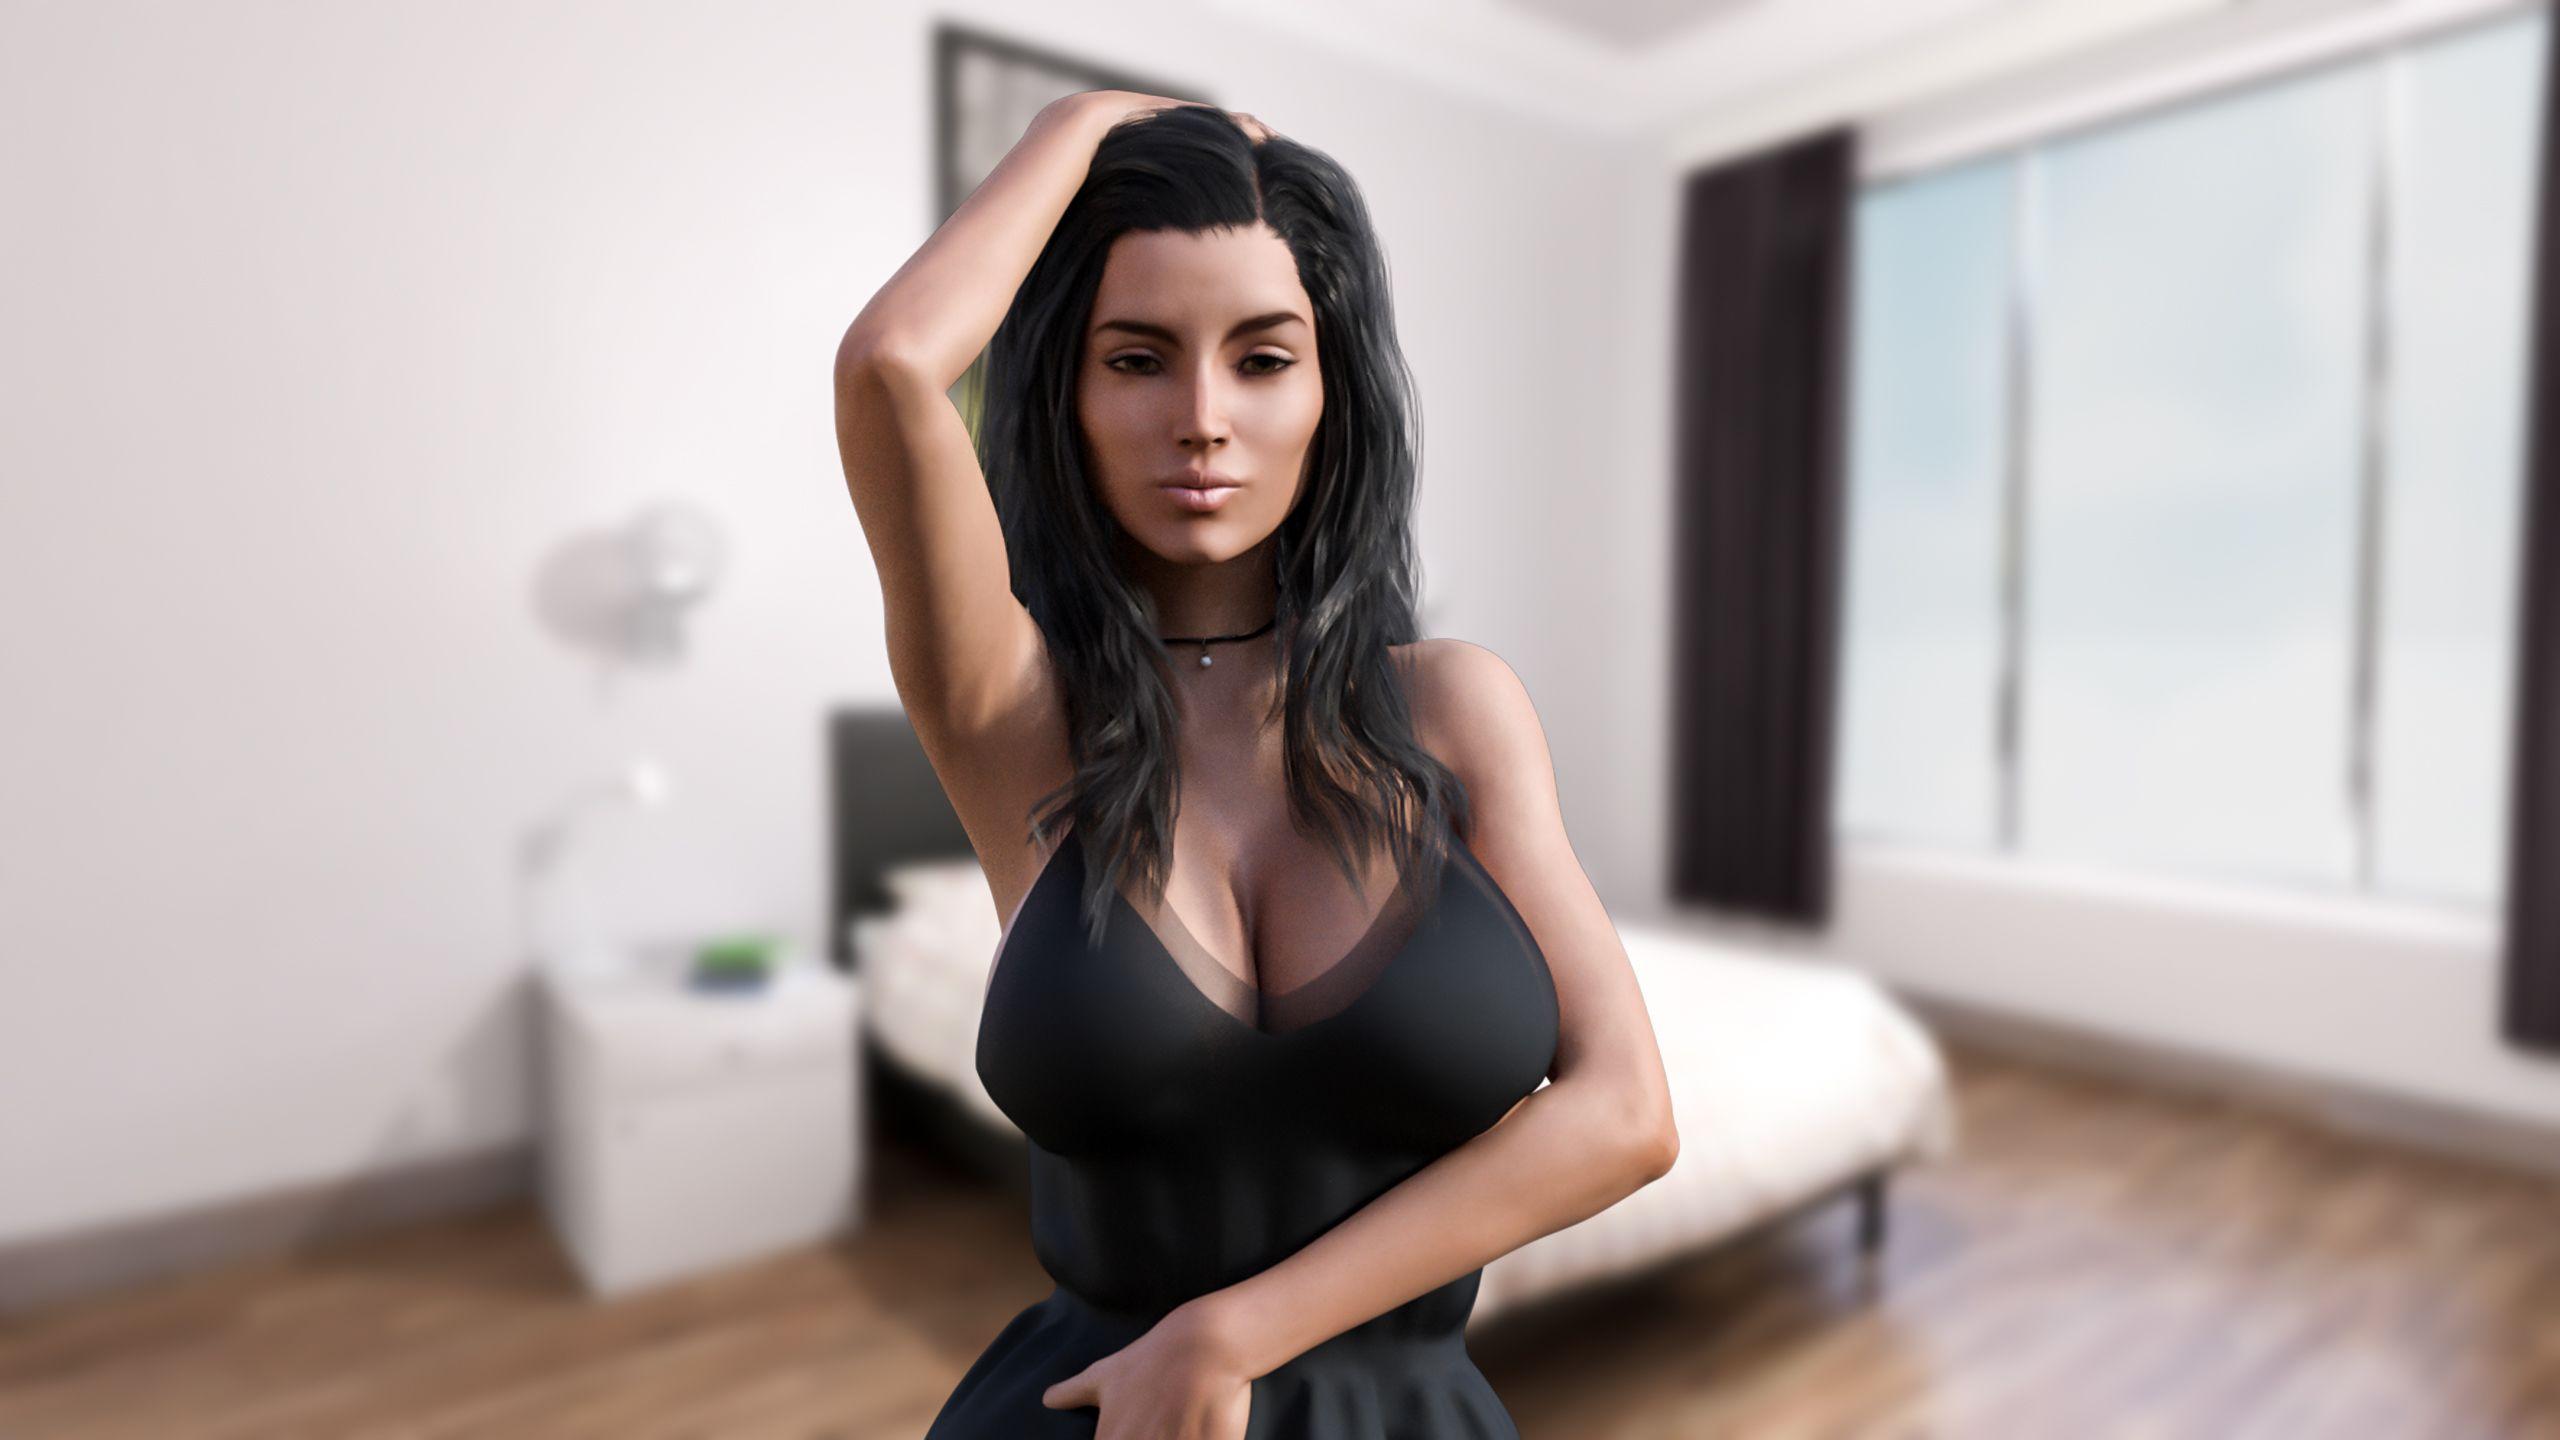 porn games hd